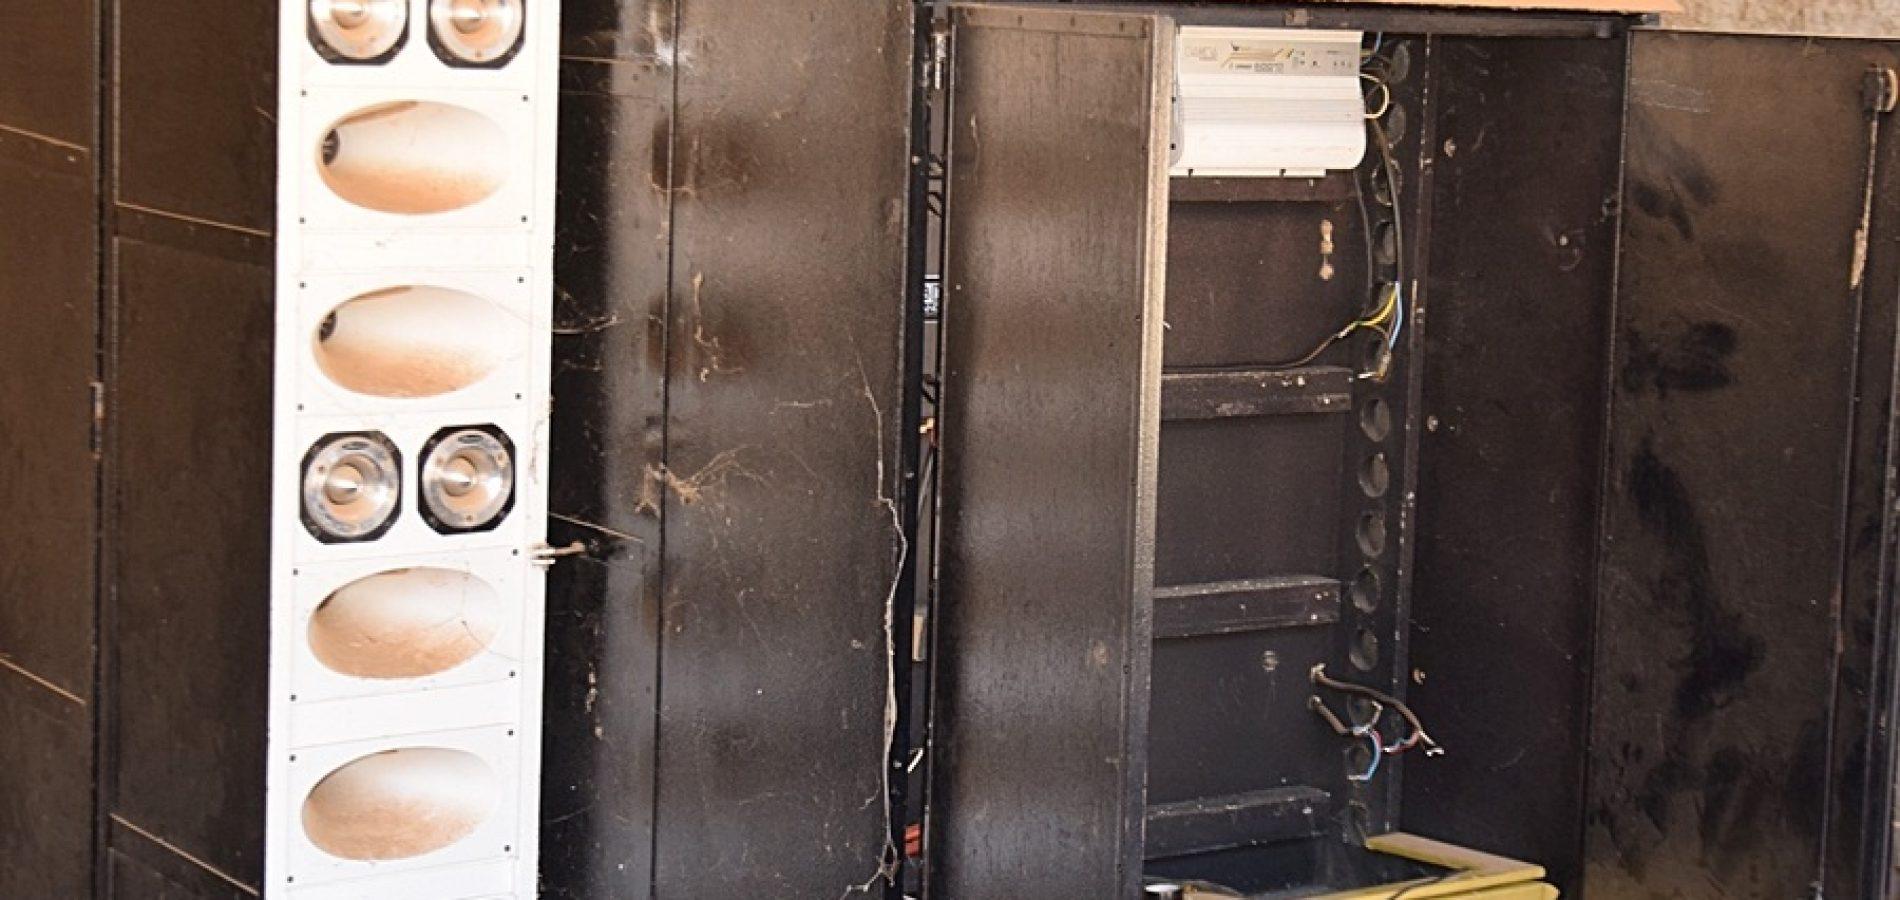 Equipamentos de paredão de som avaliados em 6 mil reais são furtados em Paulistana